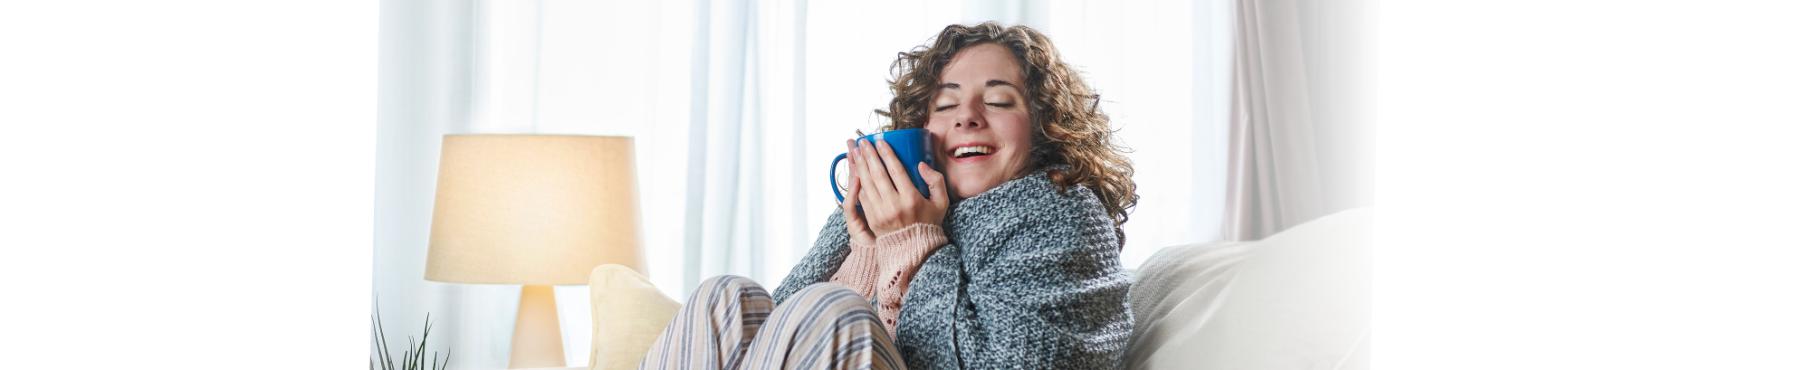 Contratar gas natural - Chica con taza de café en el sofá